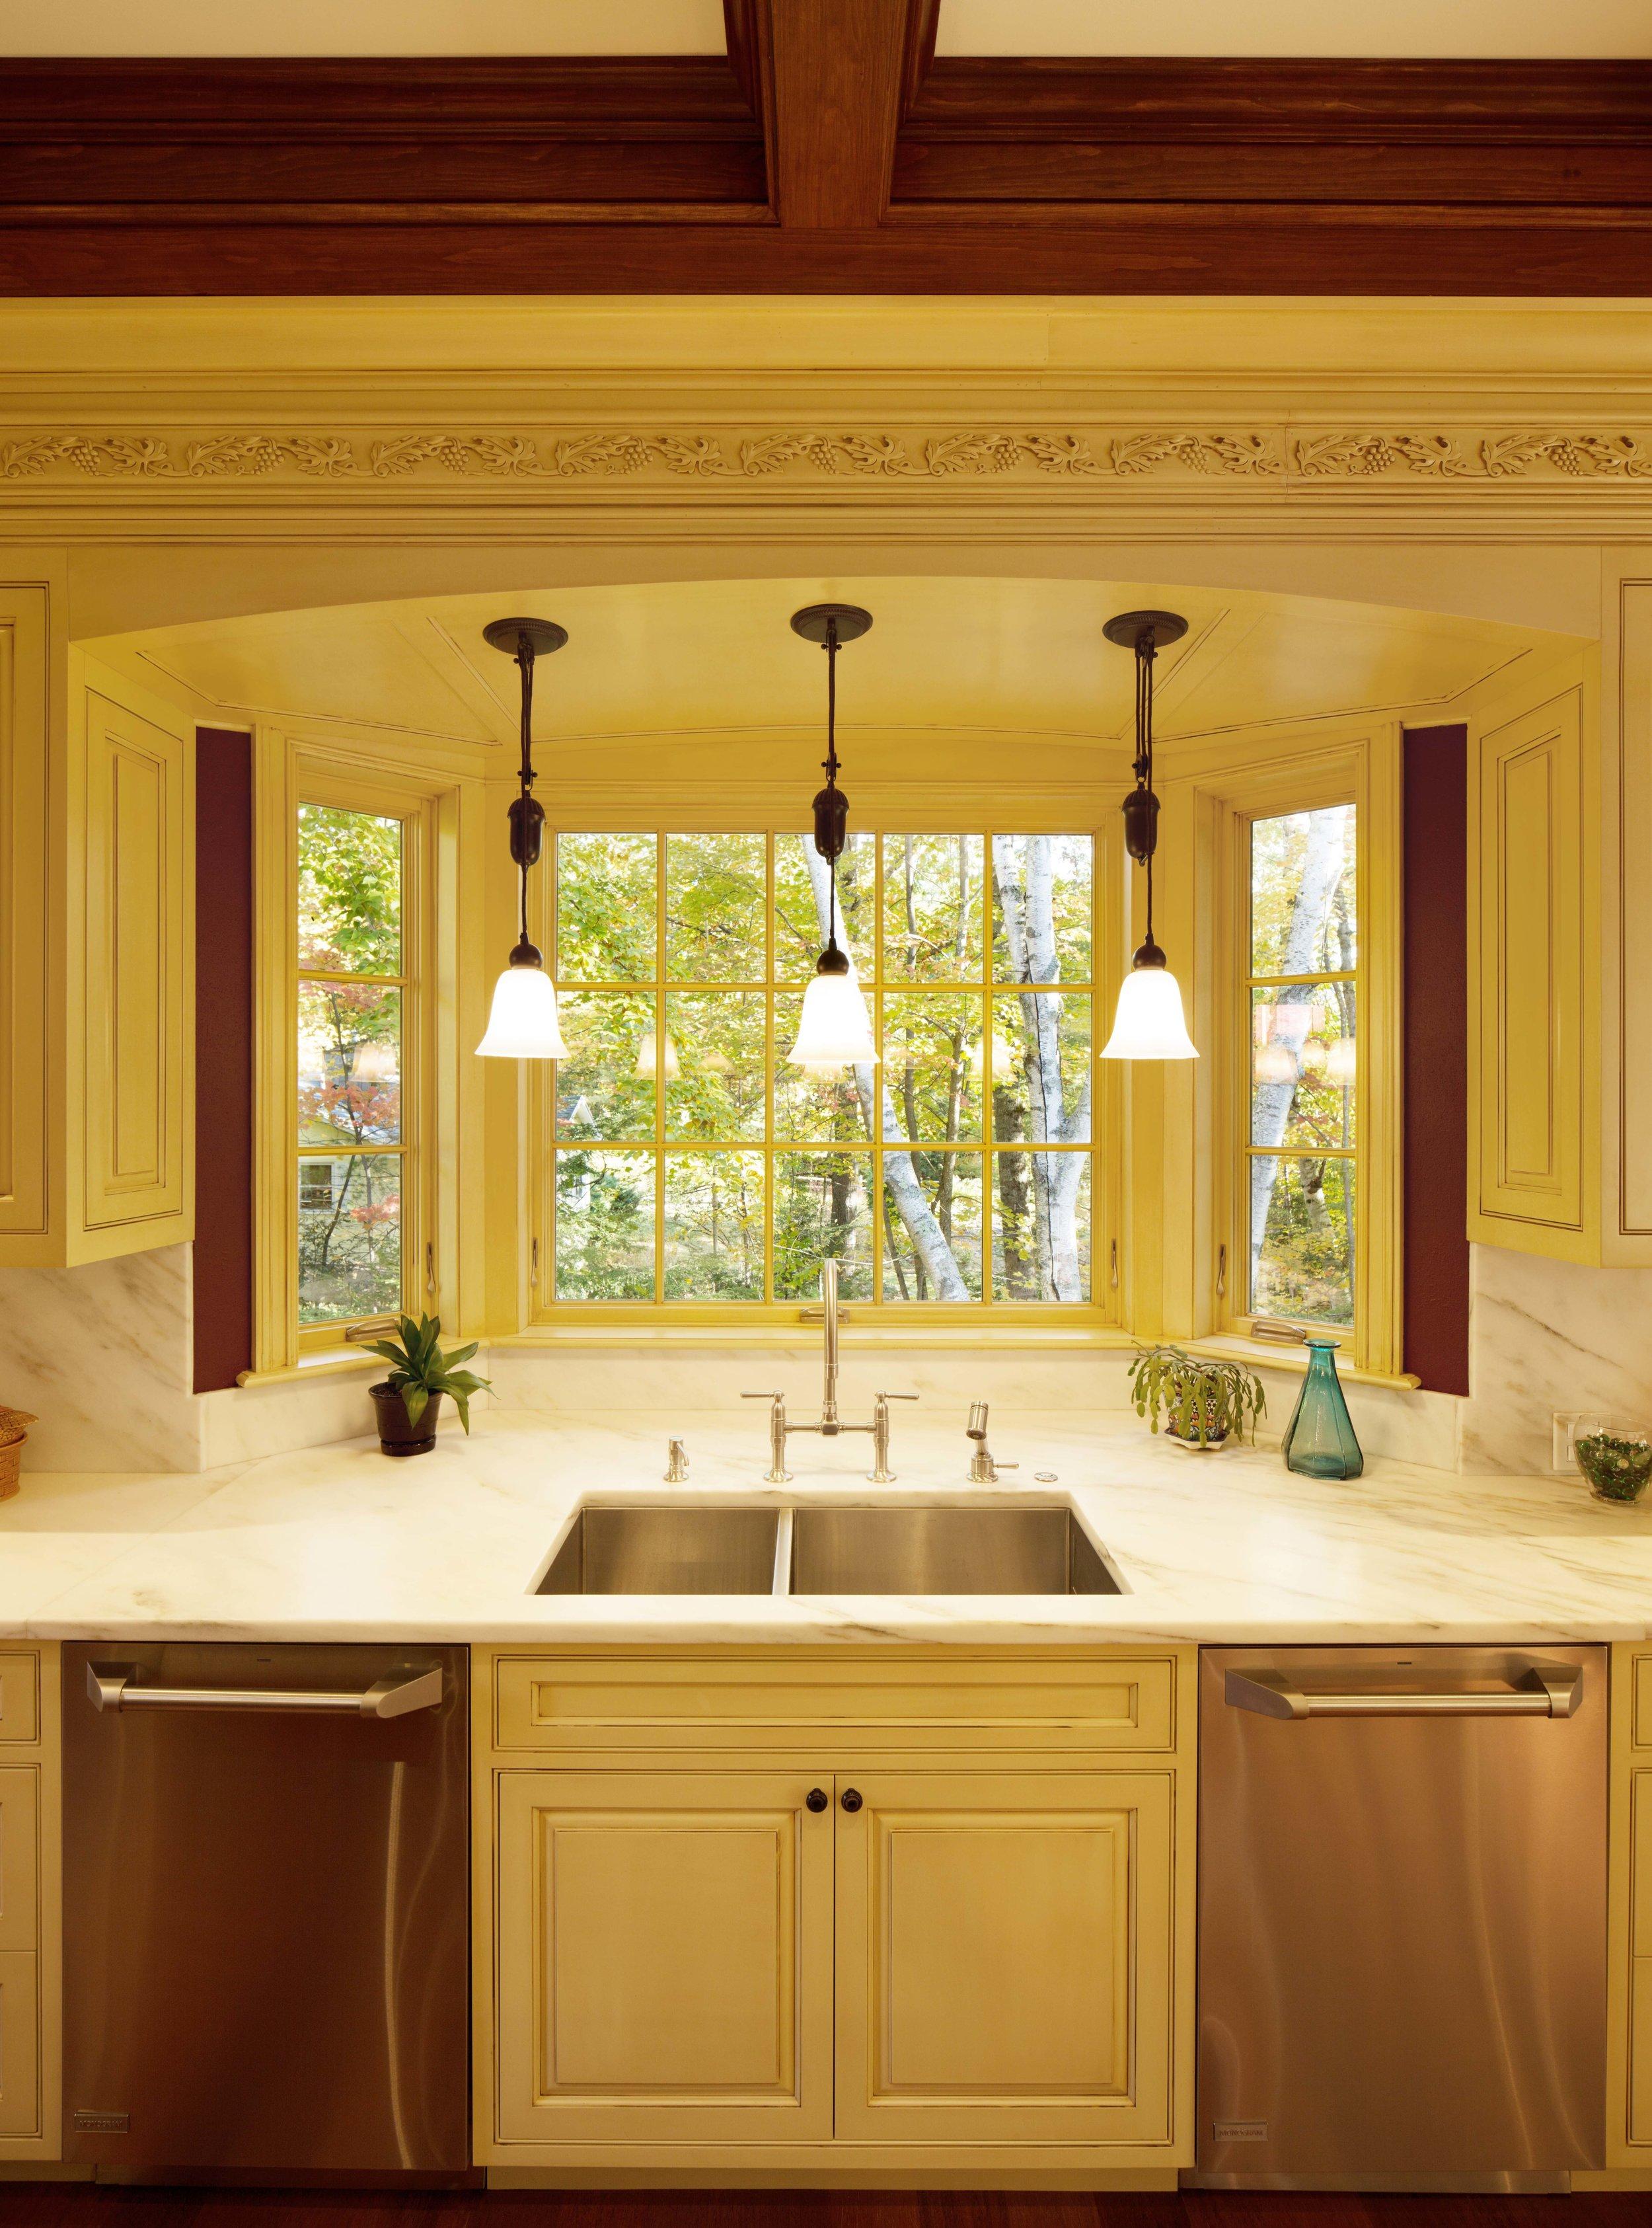 Corcoran-Kitchen 2.jpg